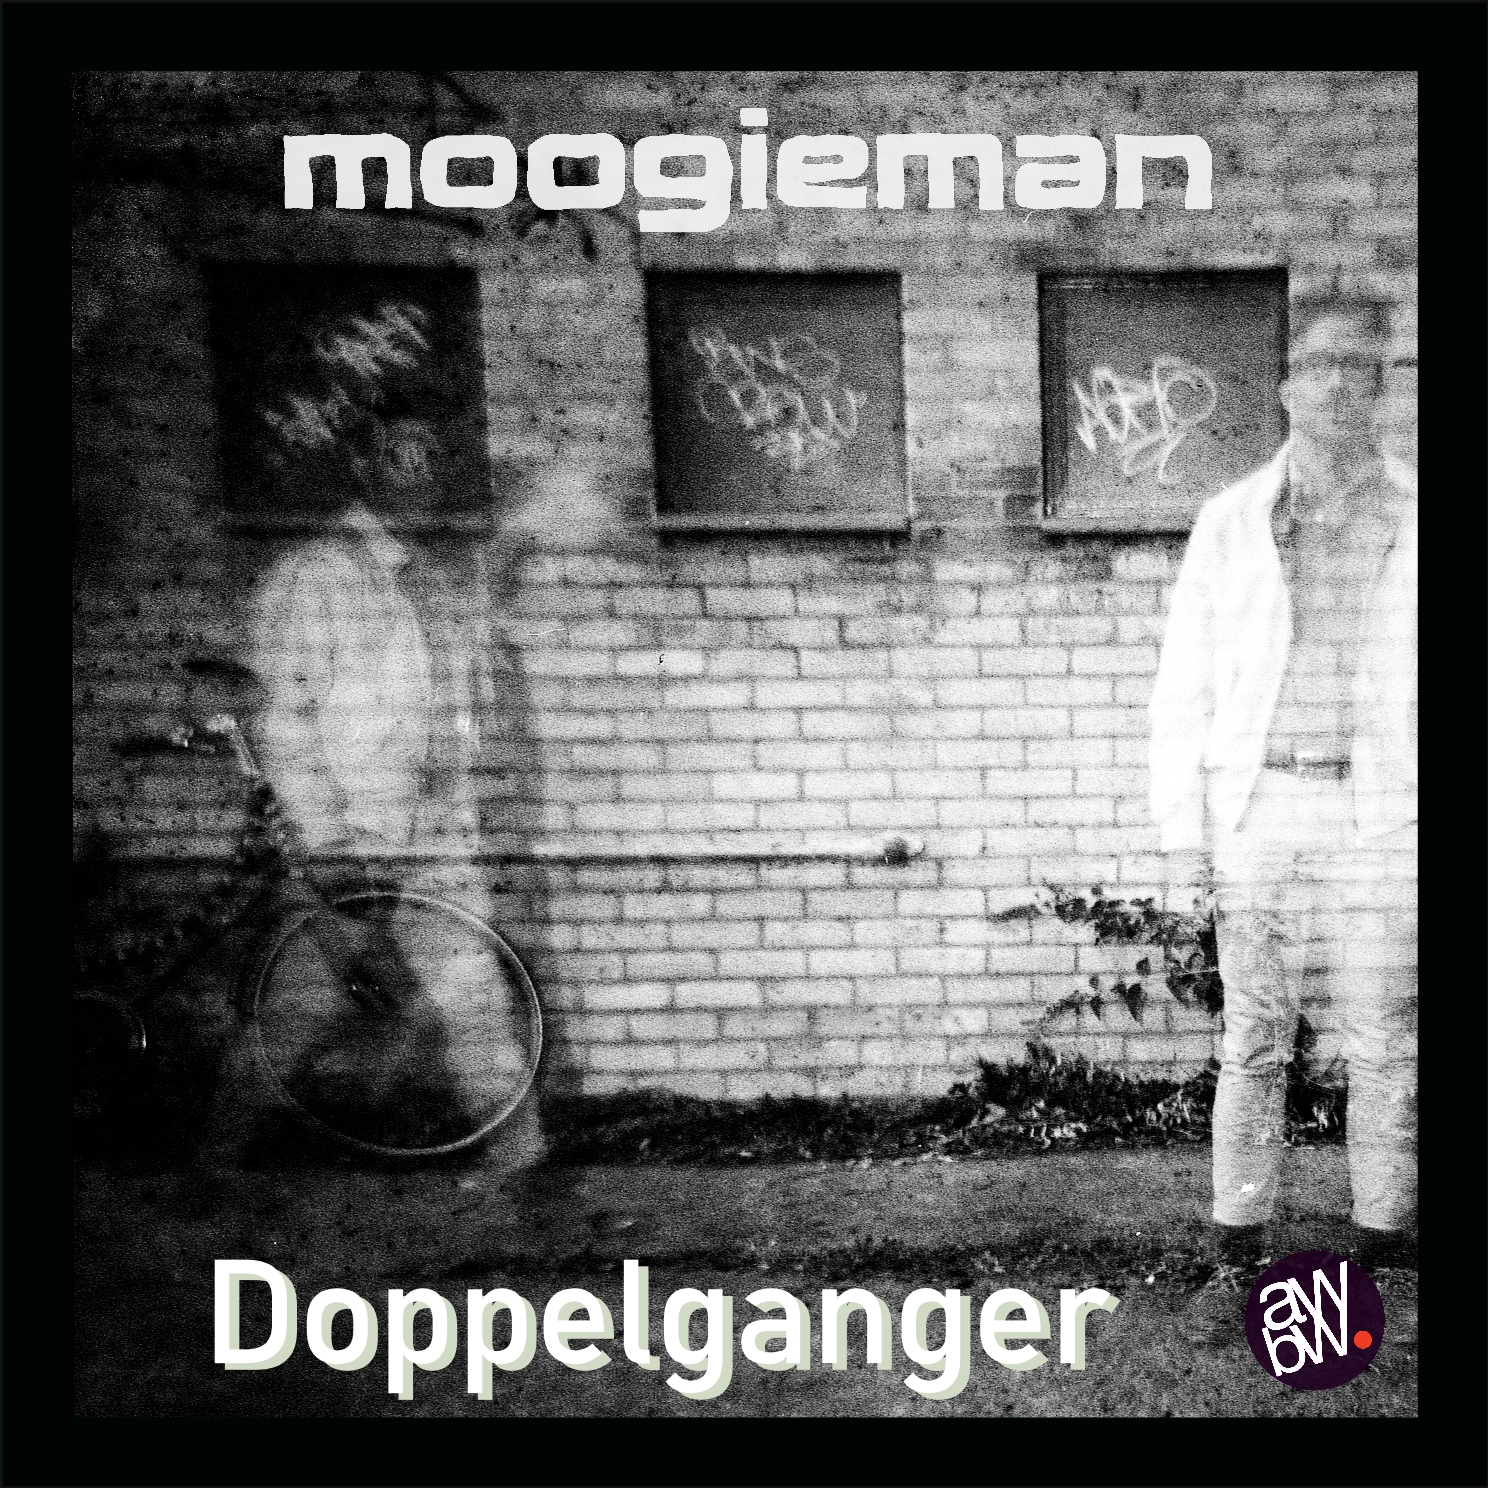 Doppelganger EP cover